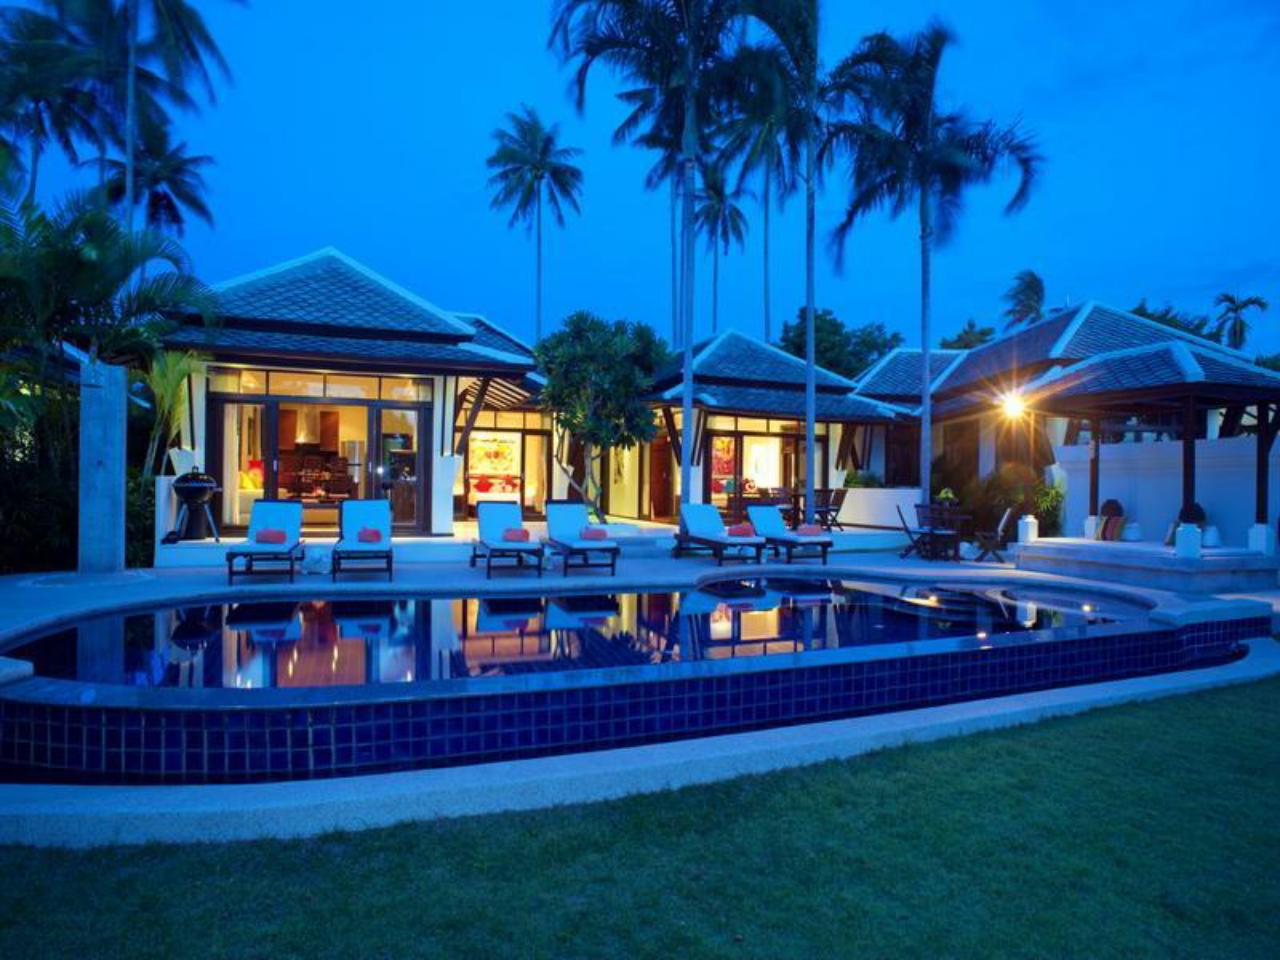 กิซิตี้ ไพรเวท พูล วิลลา (Kisity Private Pool Villa)